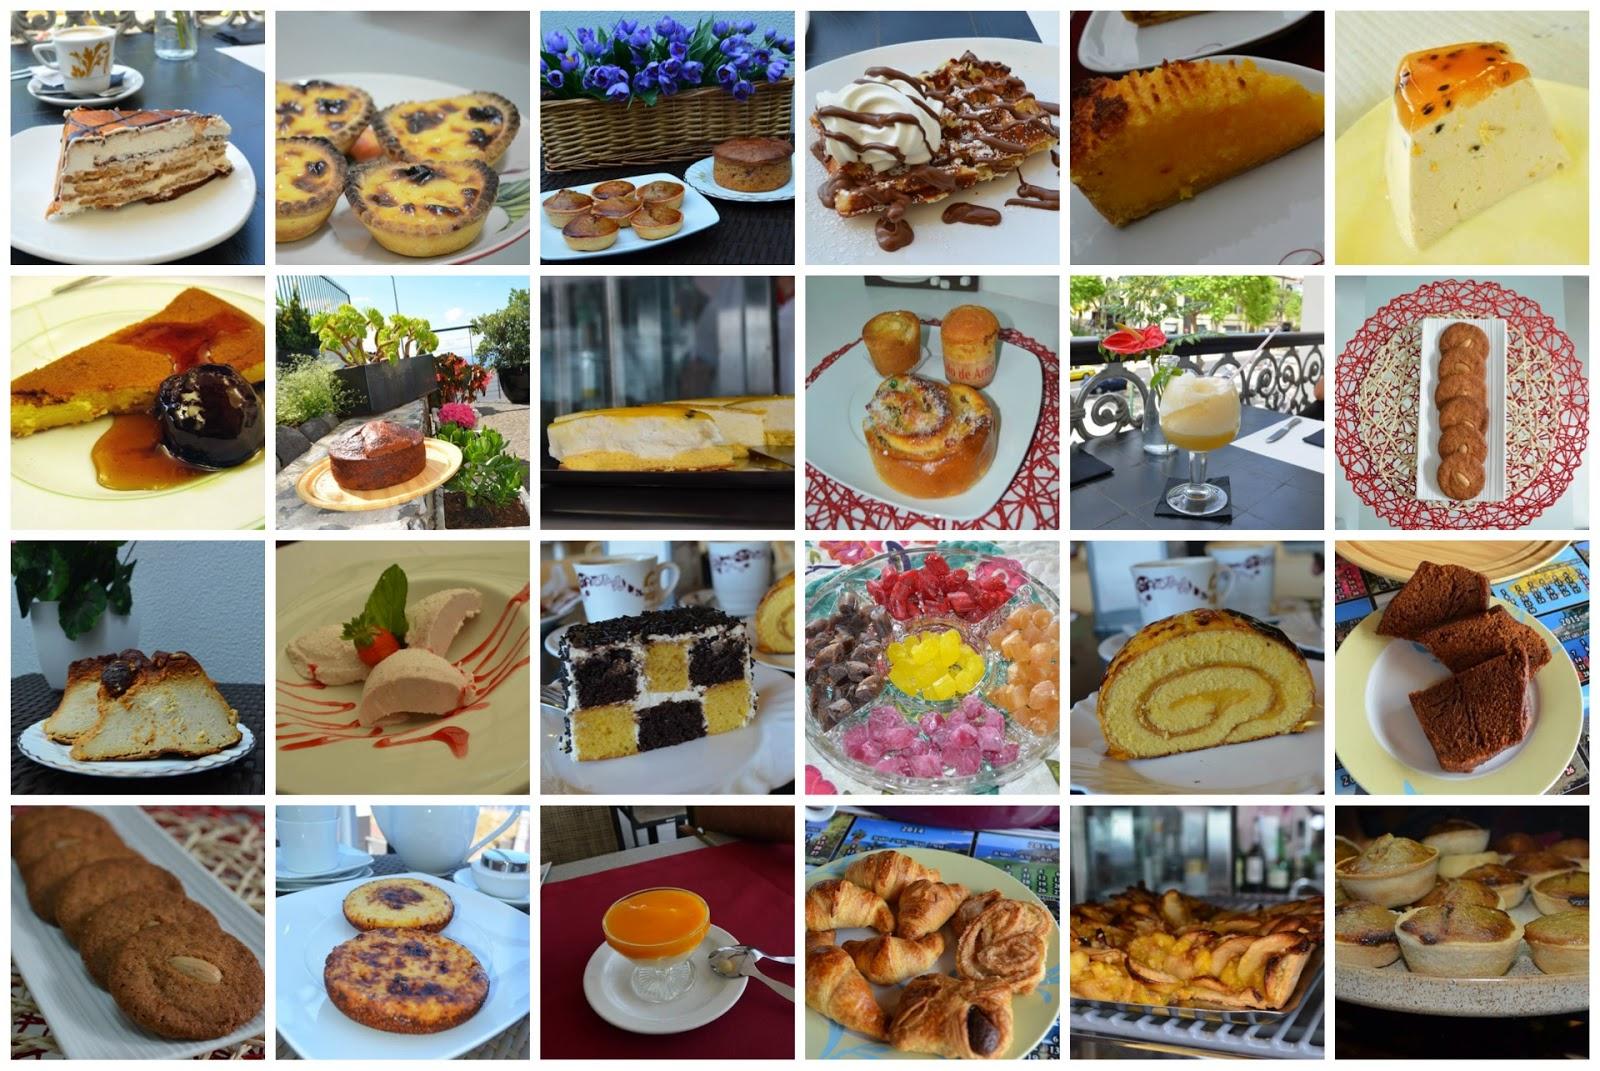 Mi ruta gastronómica por Madeira, collage con todas las tartas y postres